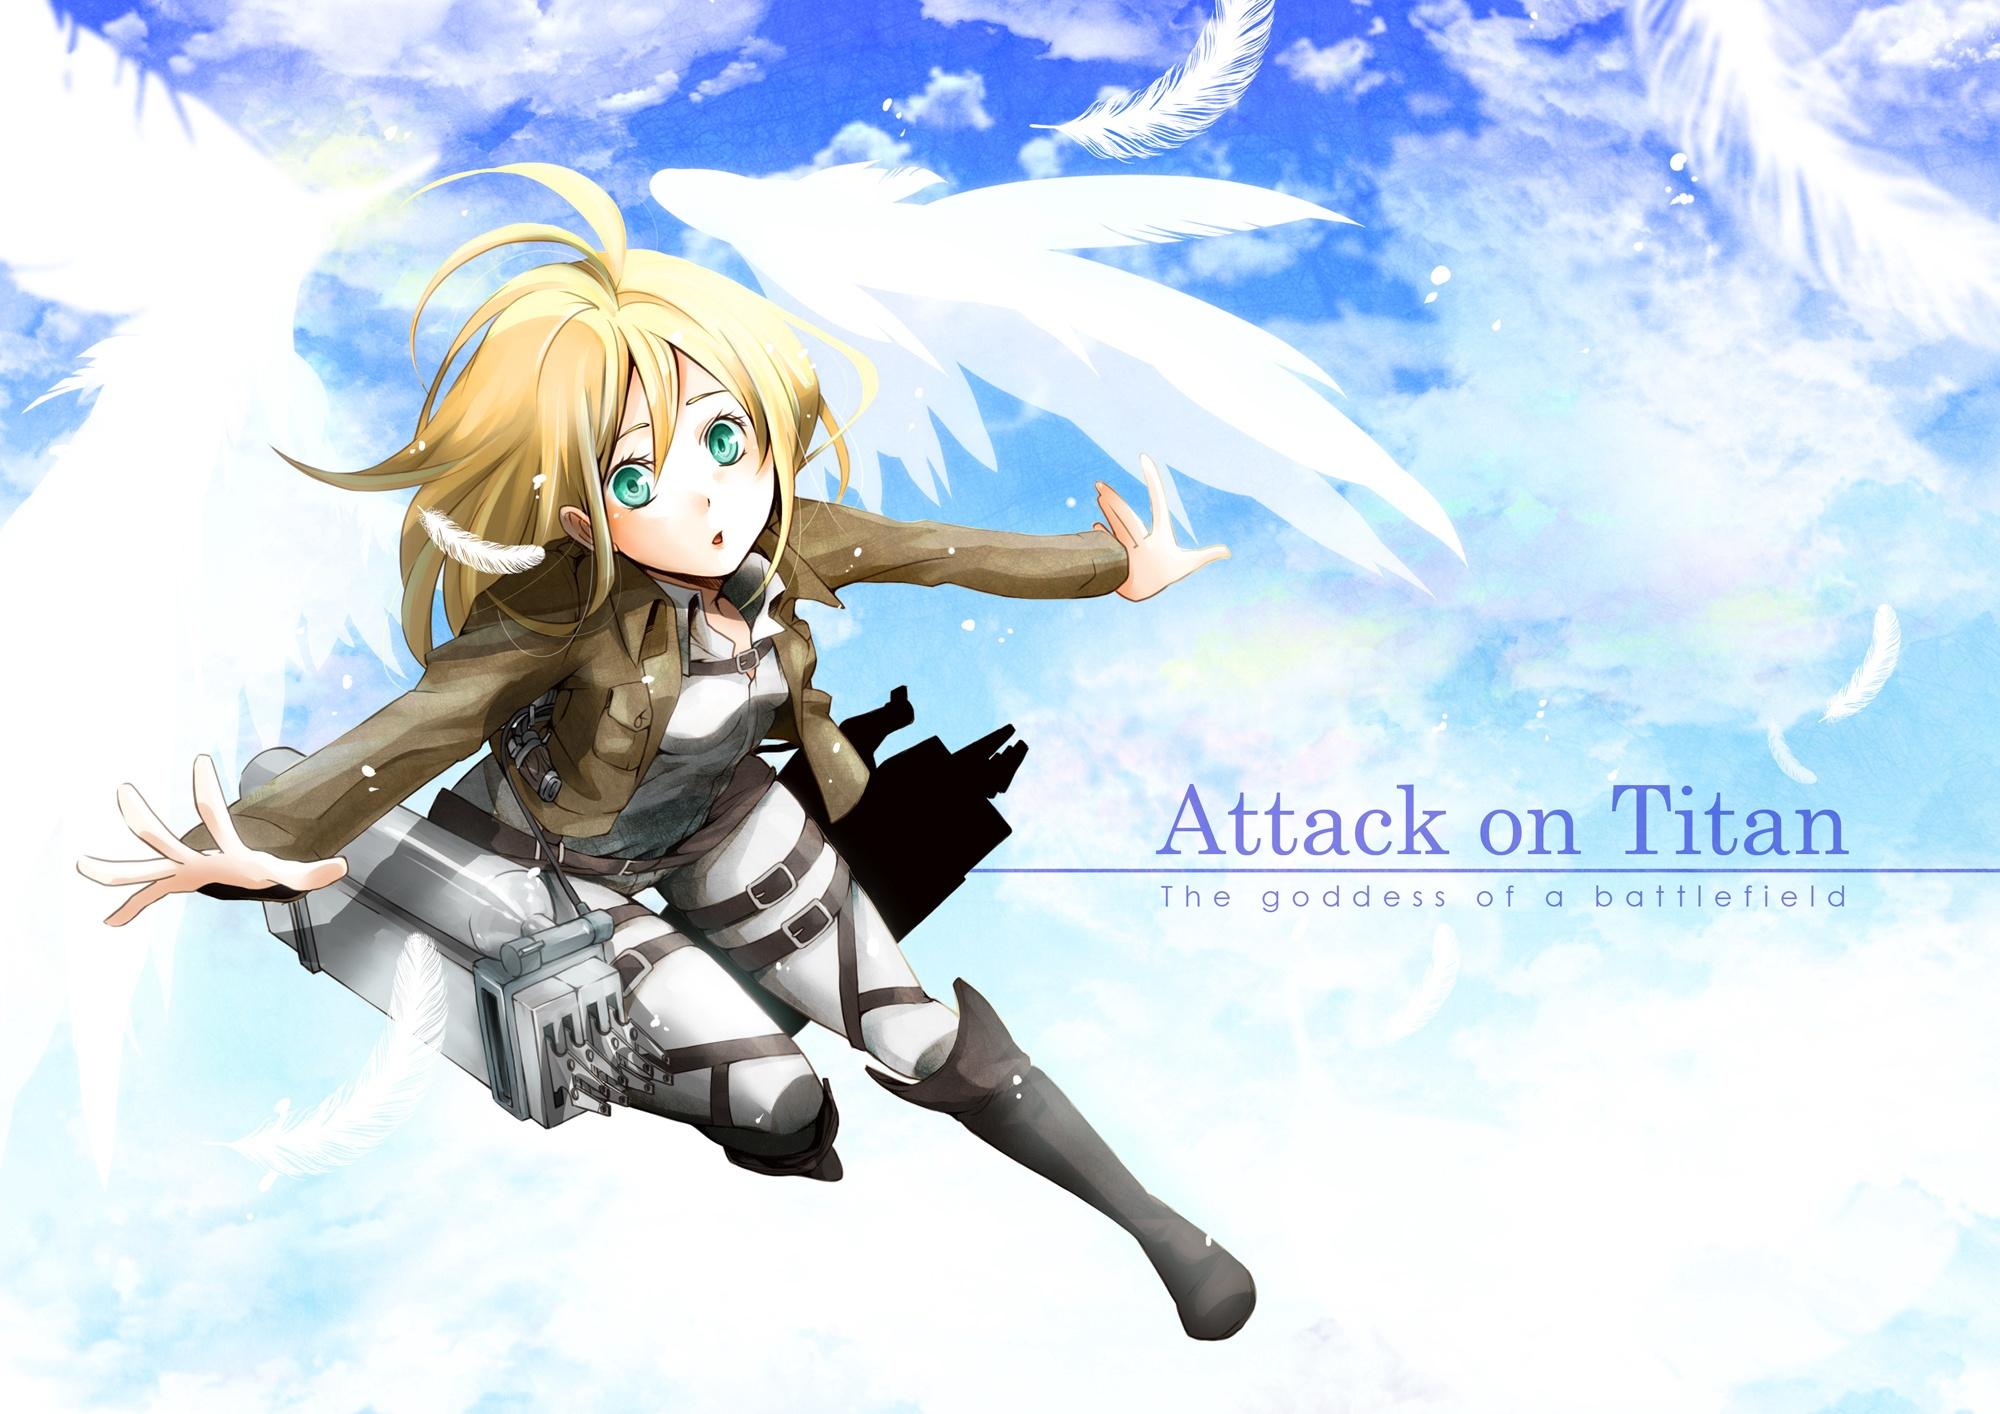 653514 Title Historia Reiss Anime Attack On Titan Historia Reiss Wallpaper Hd 2000x1414 Download Hd Wallpaper Wallpapertip